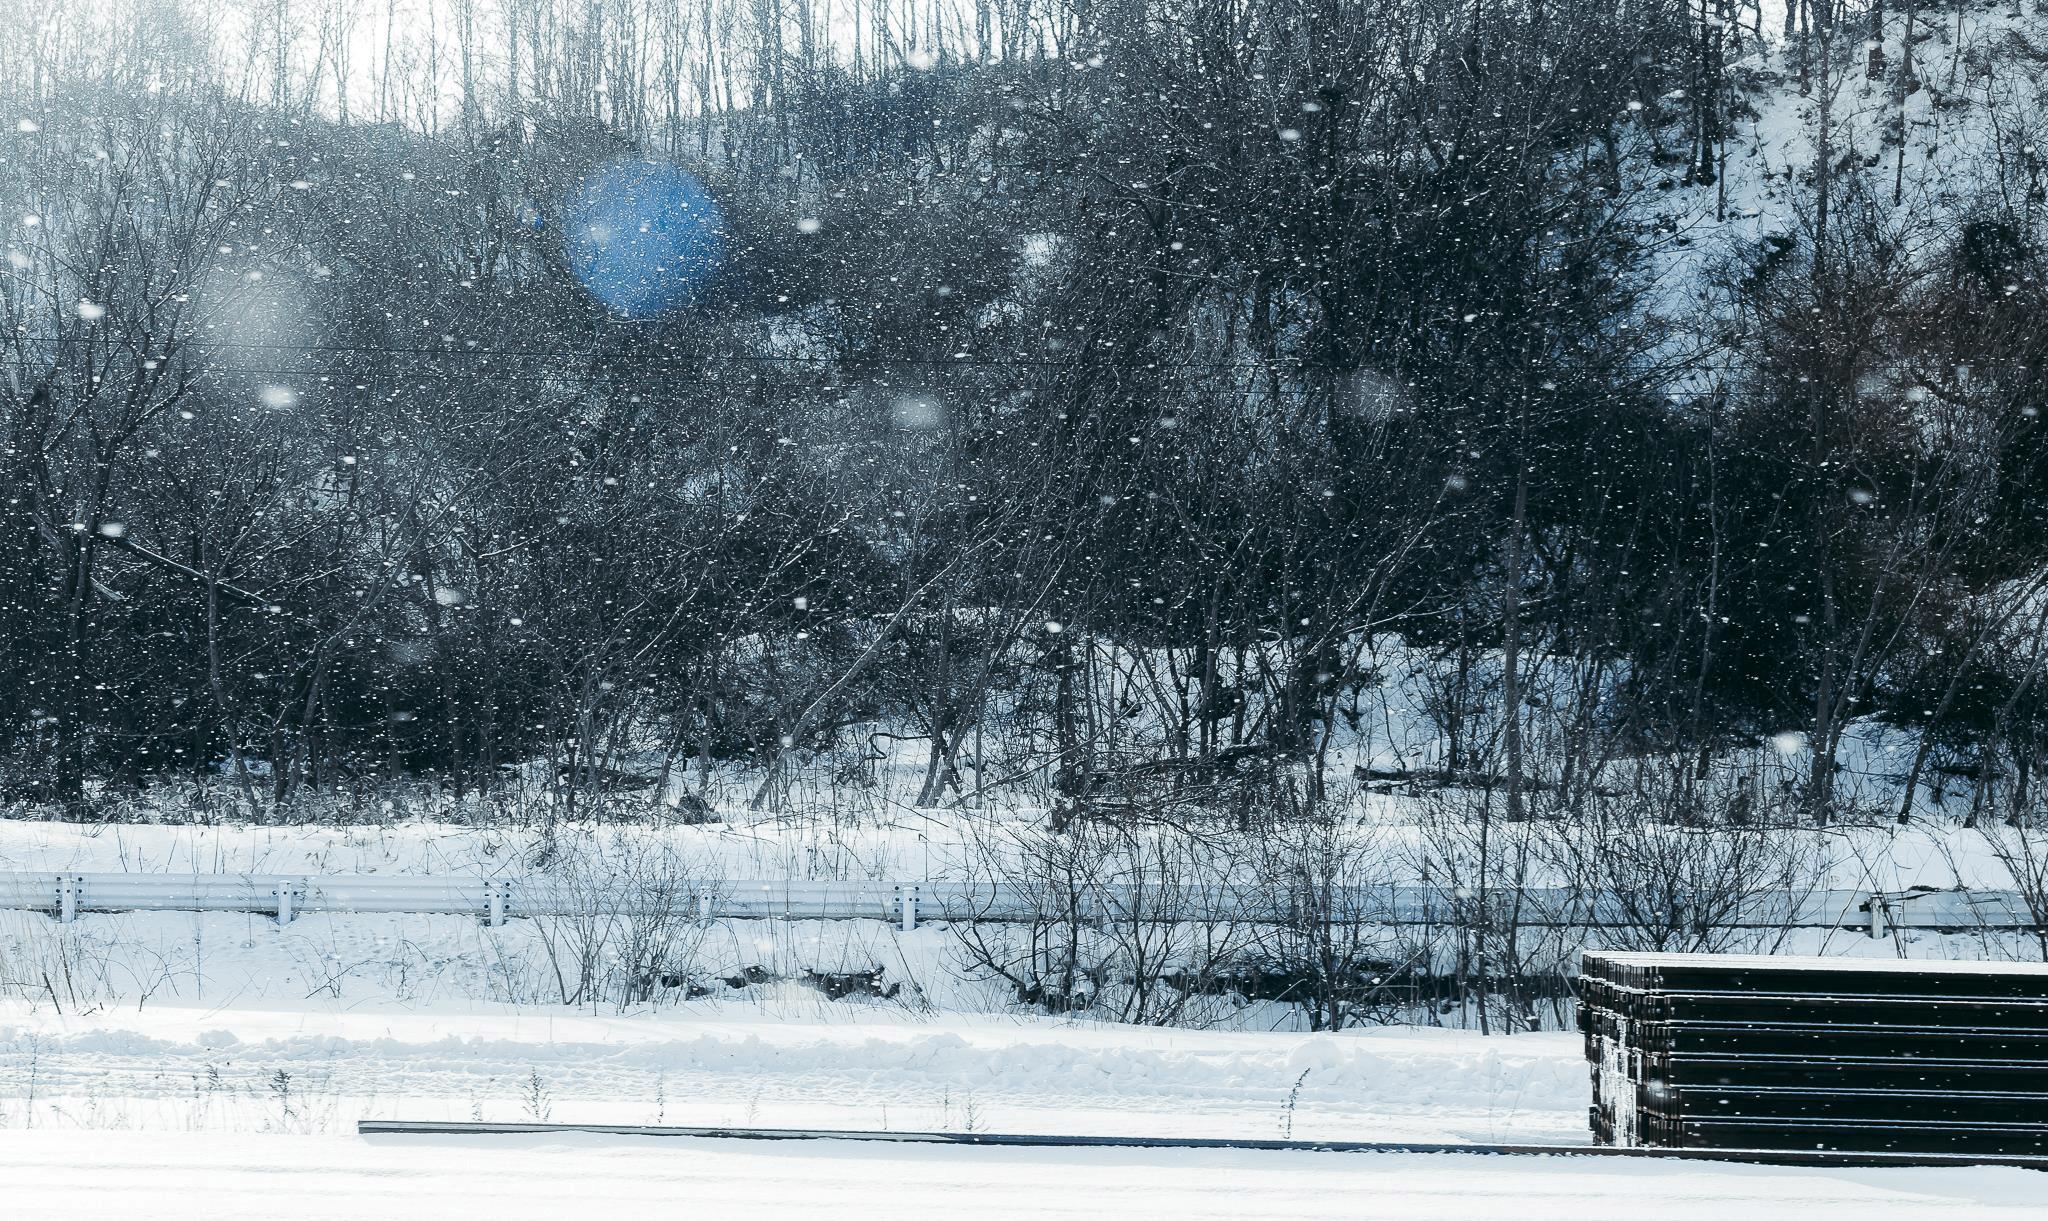 Hình ảnh tuyết rơi cực đẹp mắt